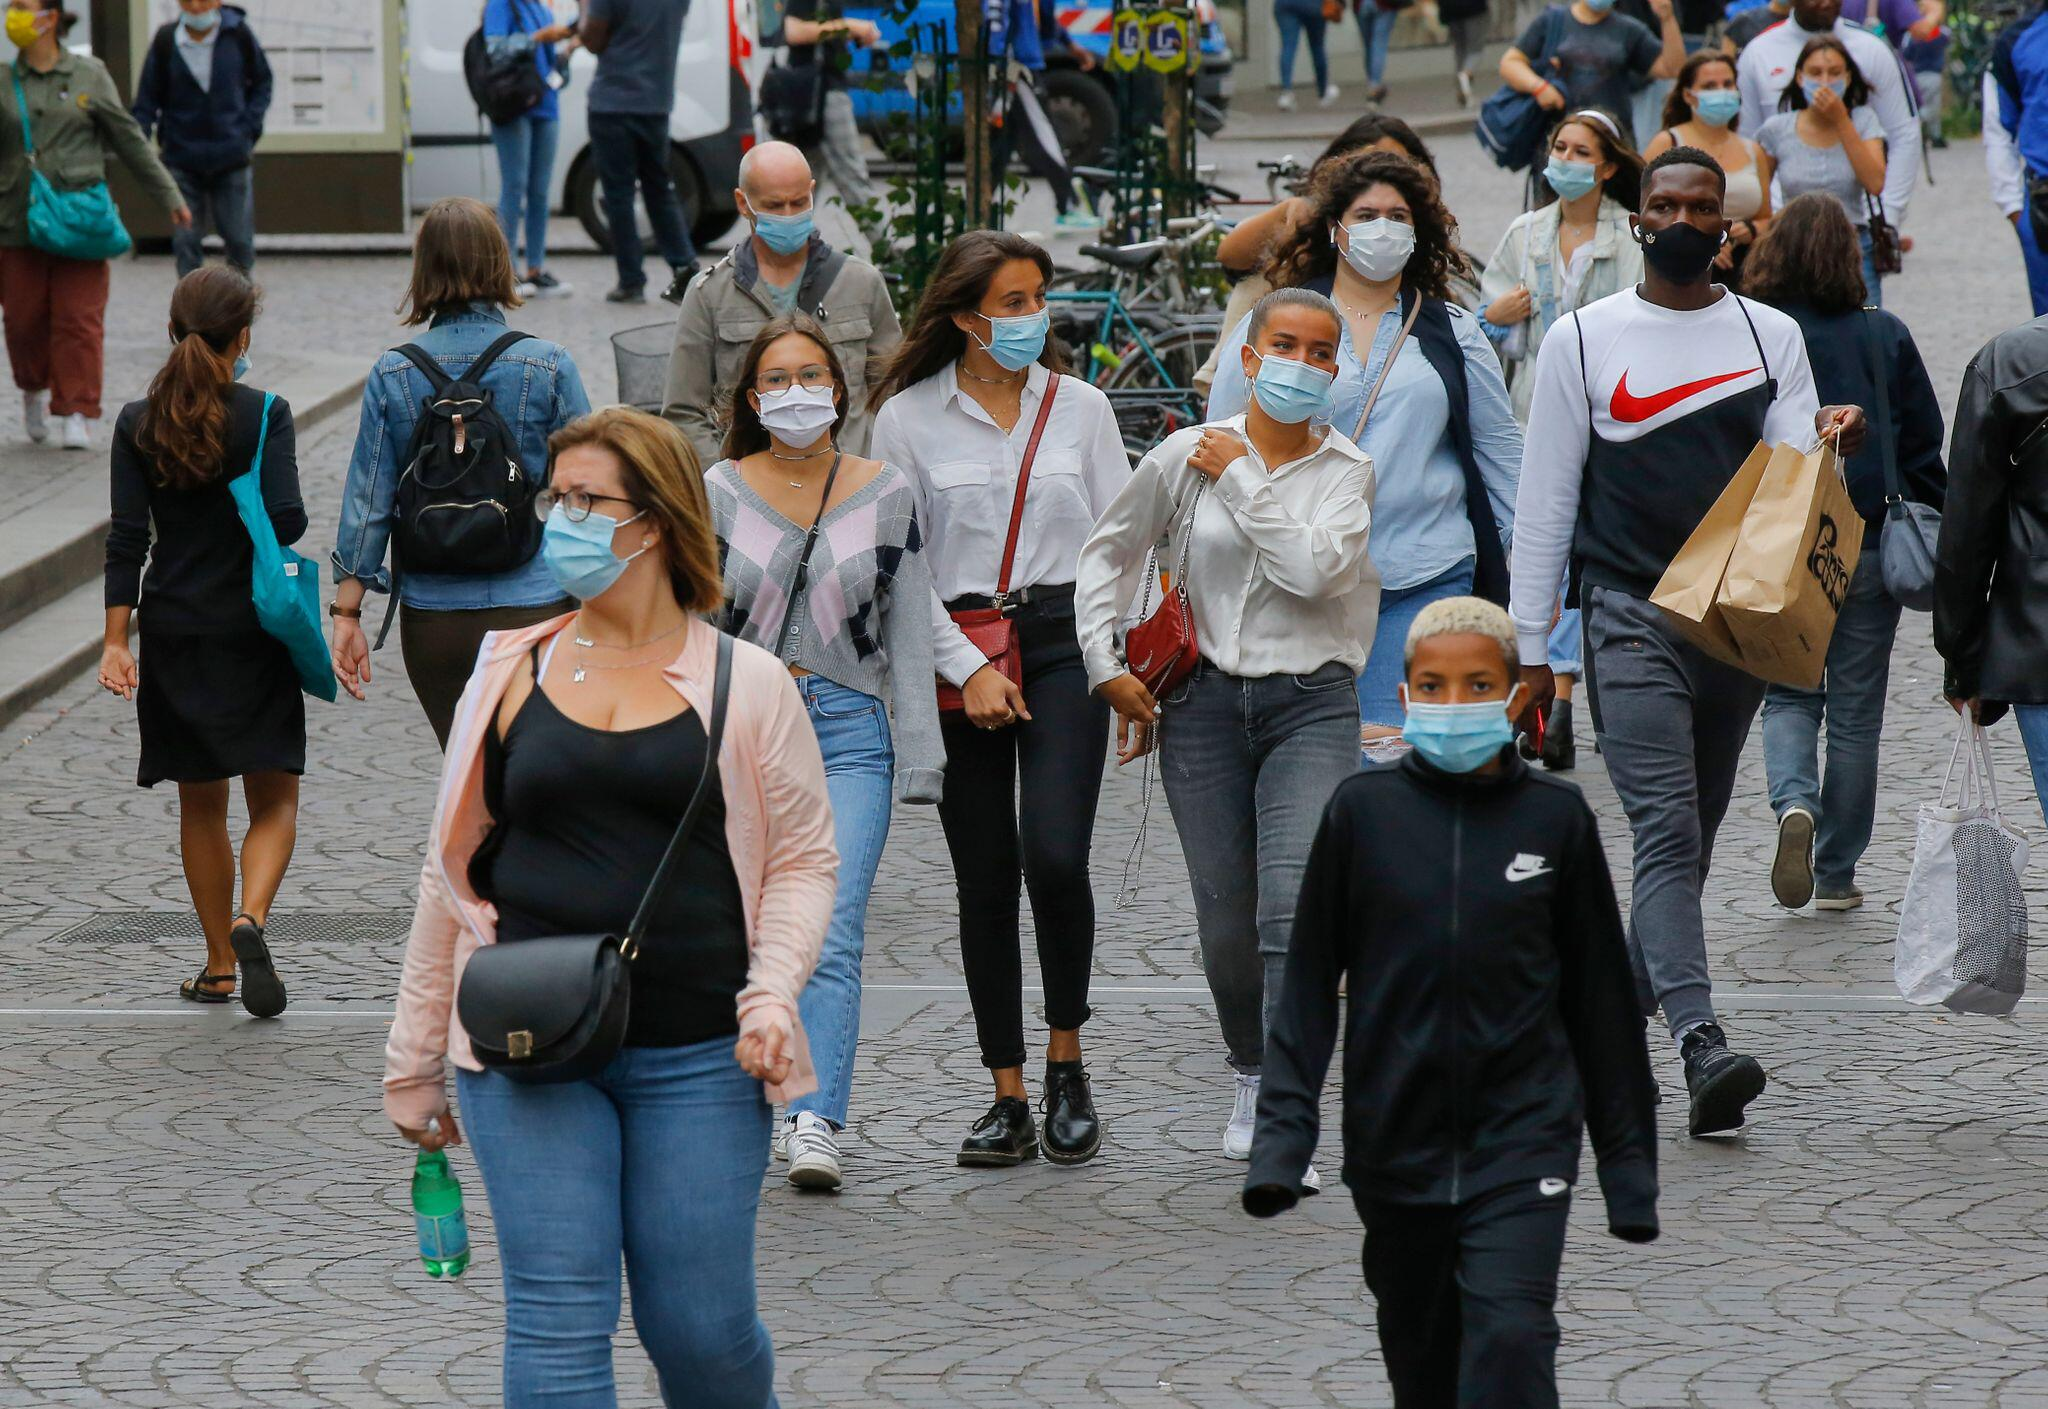 Corona-Situation in Frankreich verschärft sich | Brennpunkte